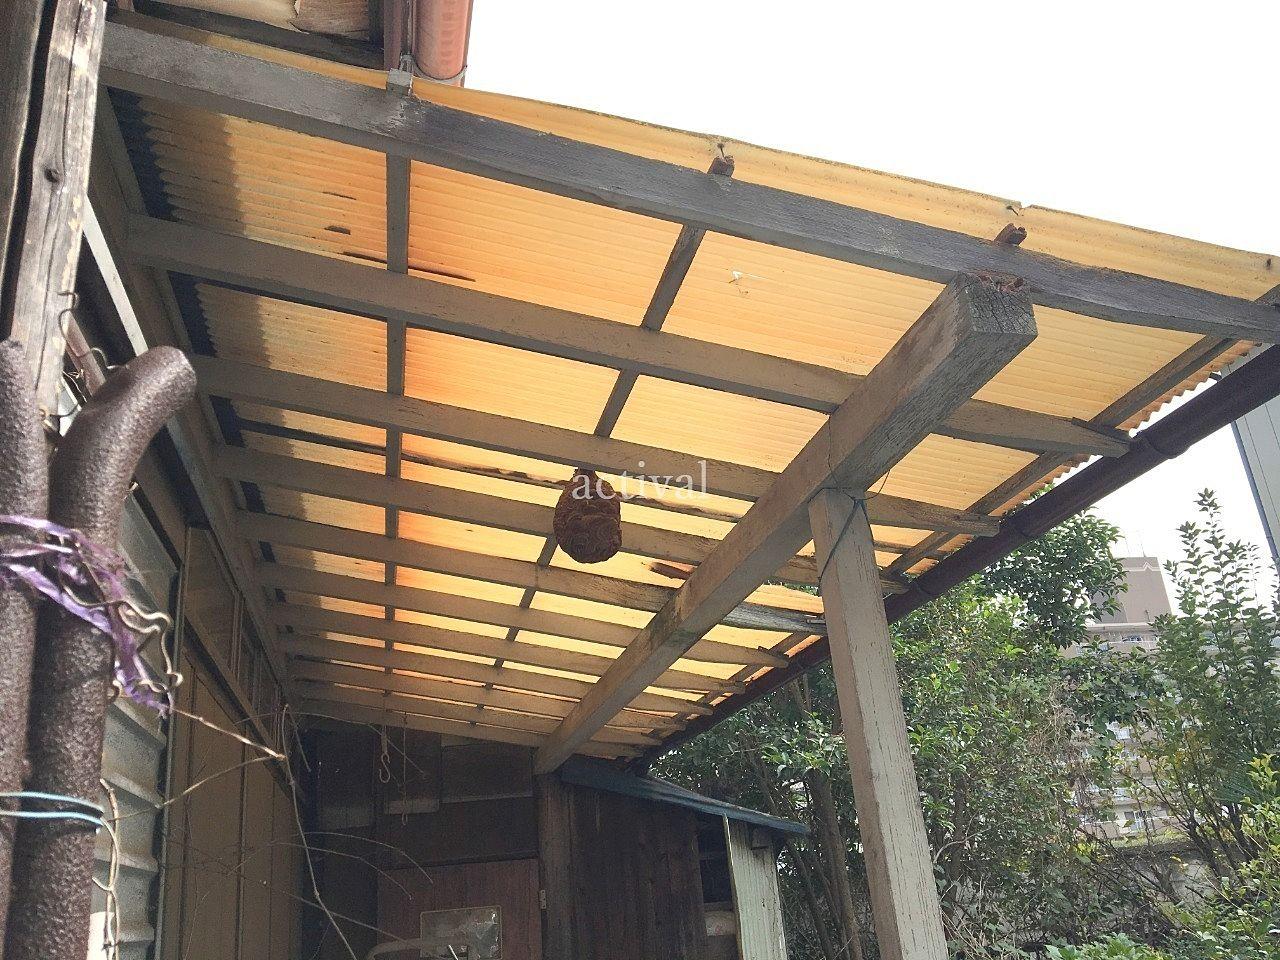 実際に空き家にできたスズメバチの巣です。